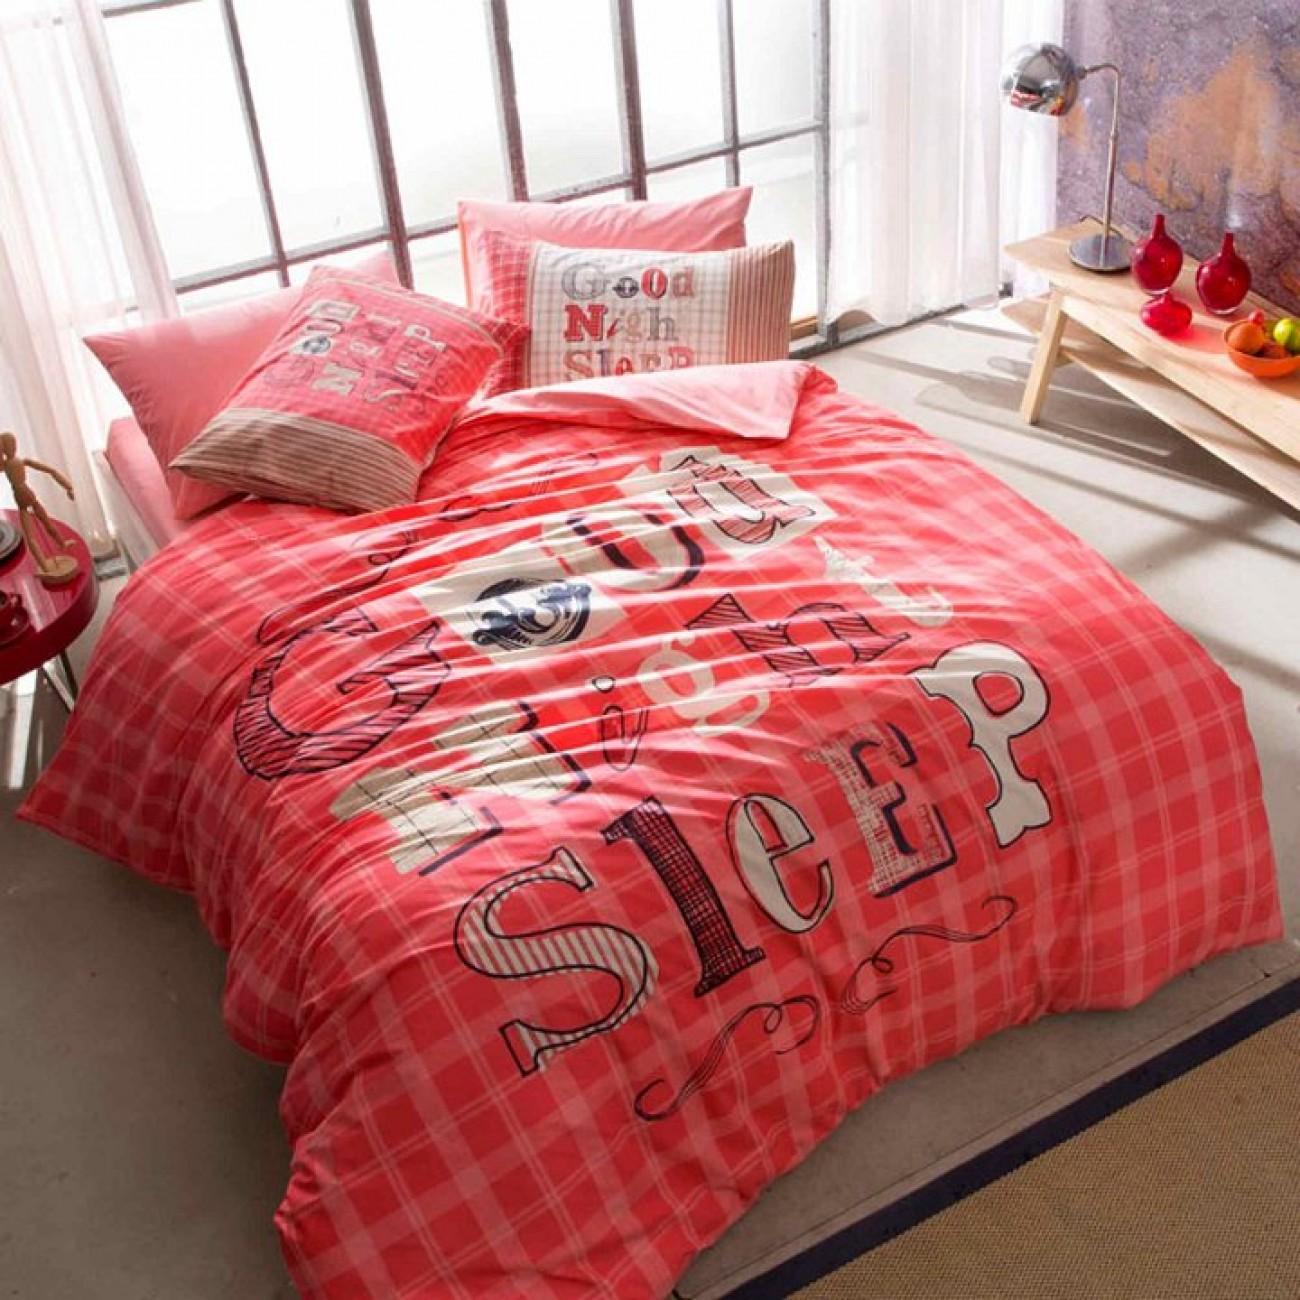 Jugendstiltac Good Night 160x220 Bettwäsche Pink